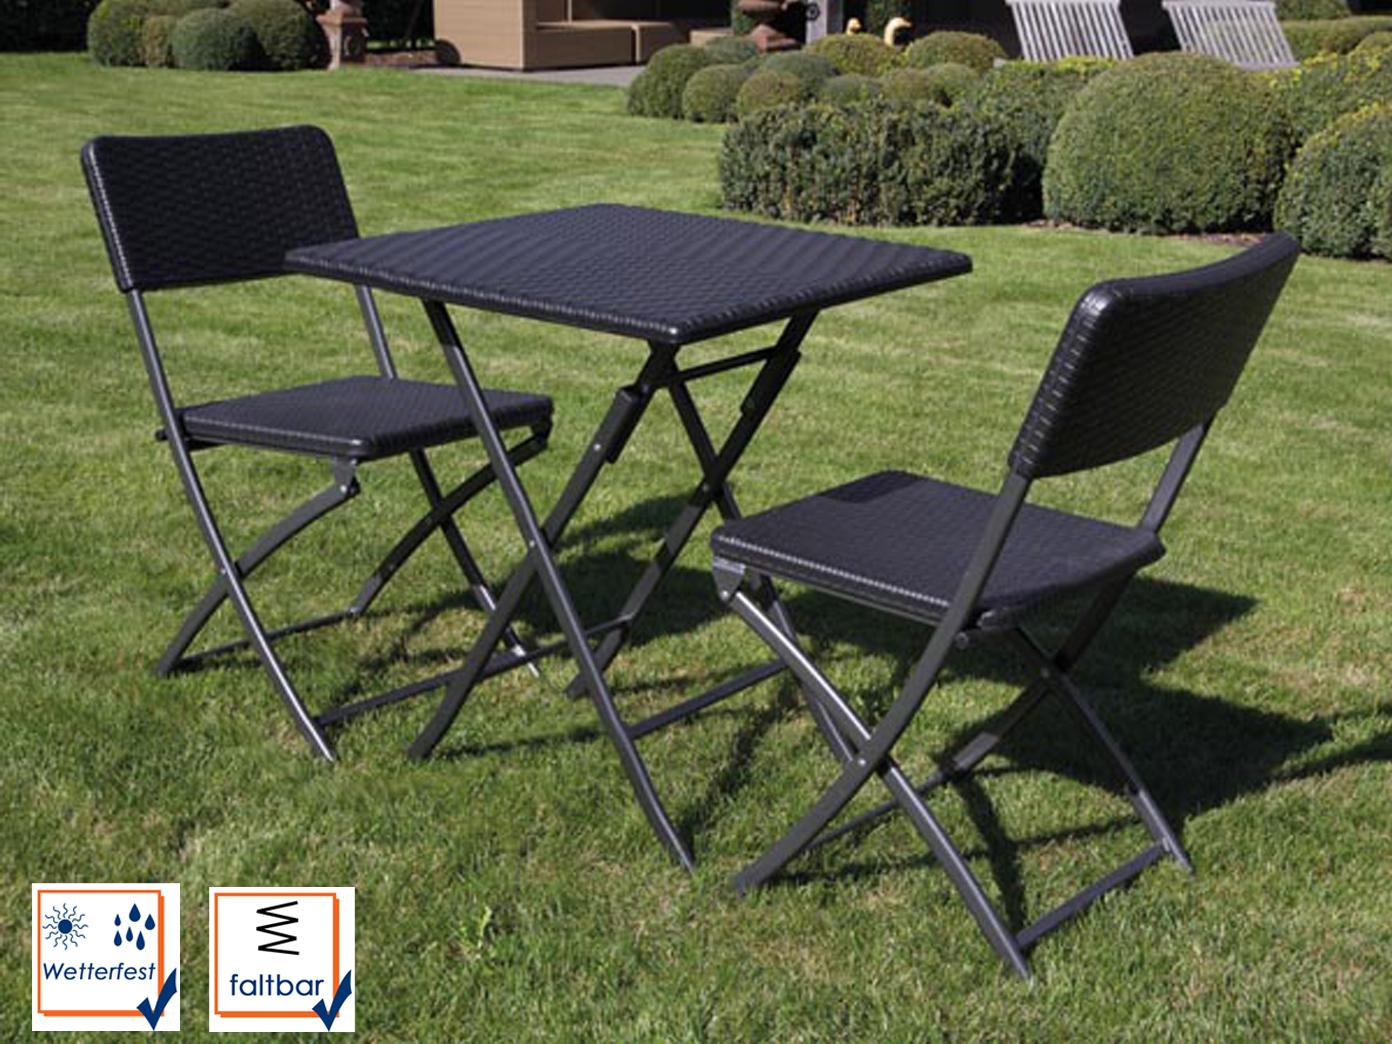 Wetterfeste Sitzgarnitur Kunststoff Stahl Klapp Tisch Stühle